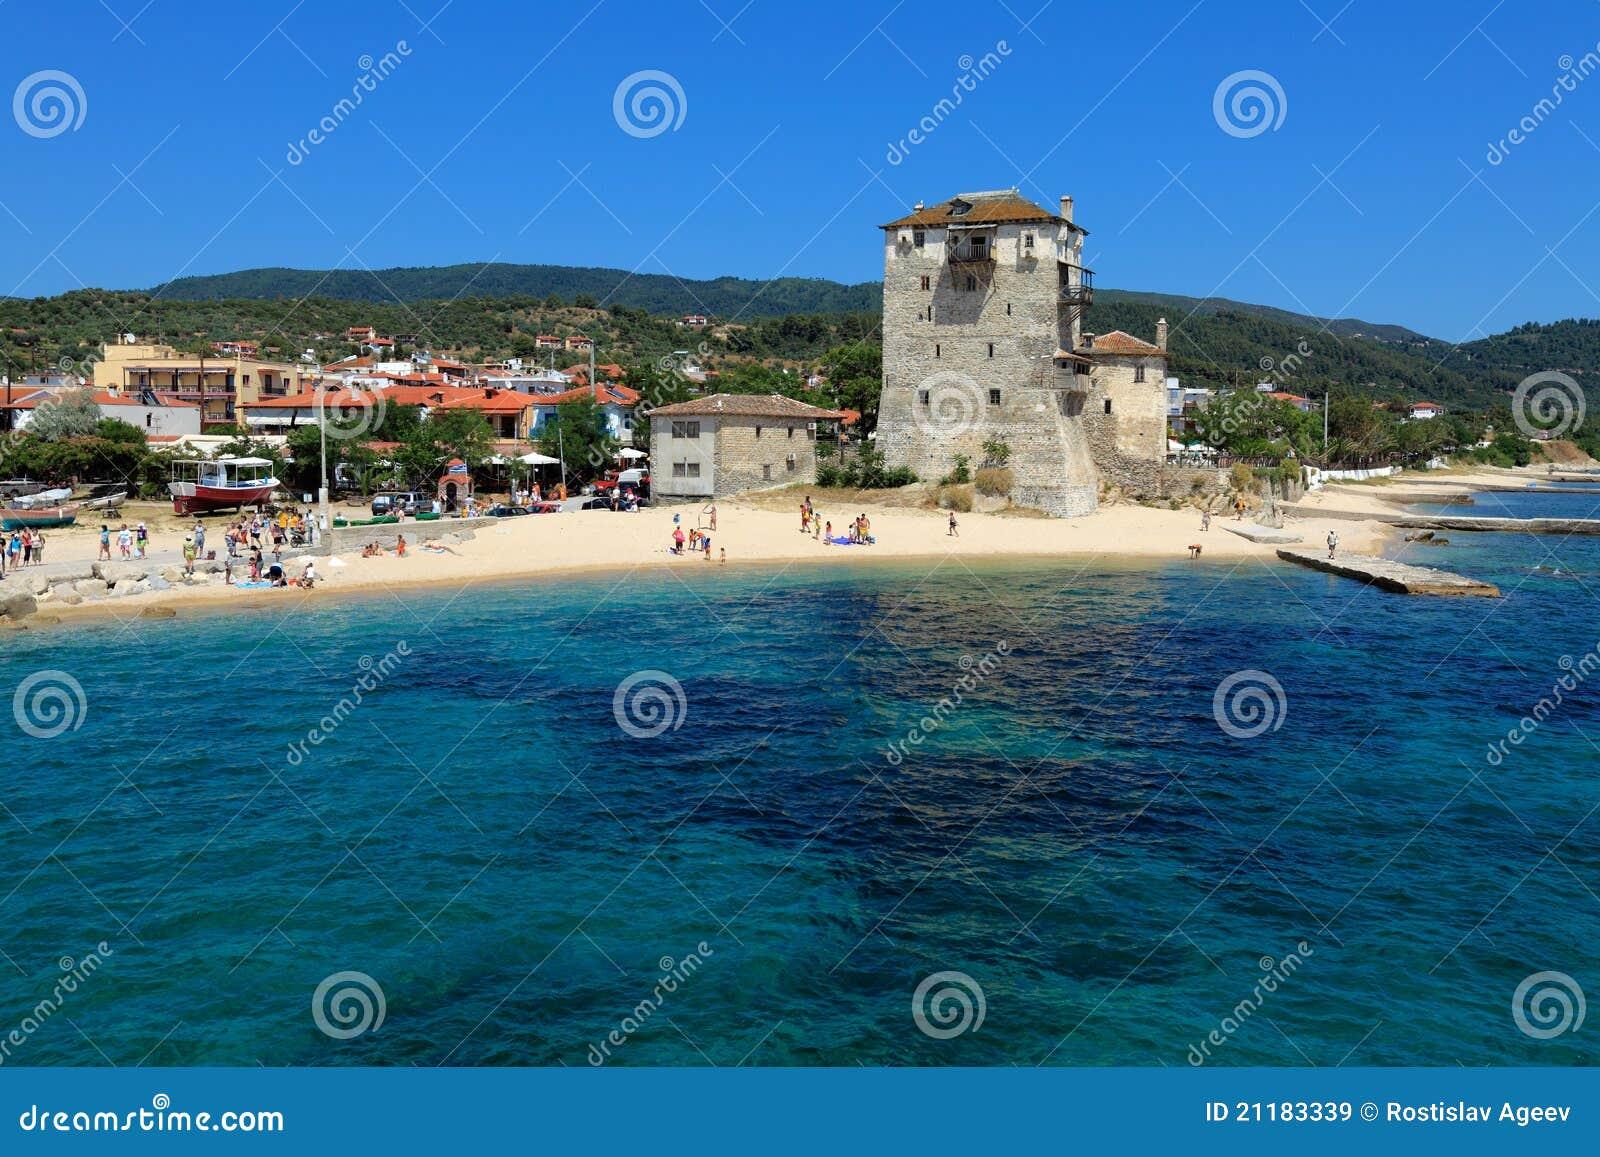 Phospfori tower in Ouranopolis, Athos Peninsula